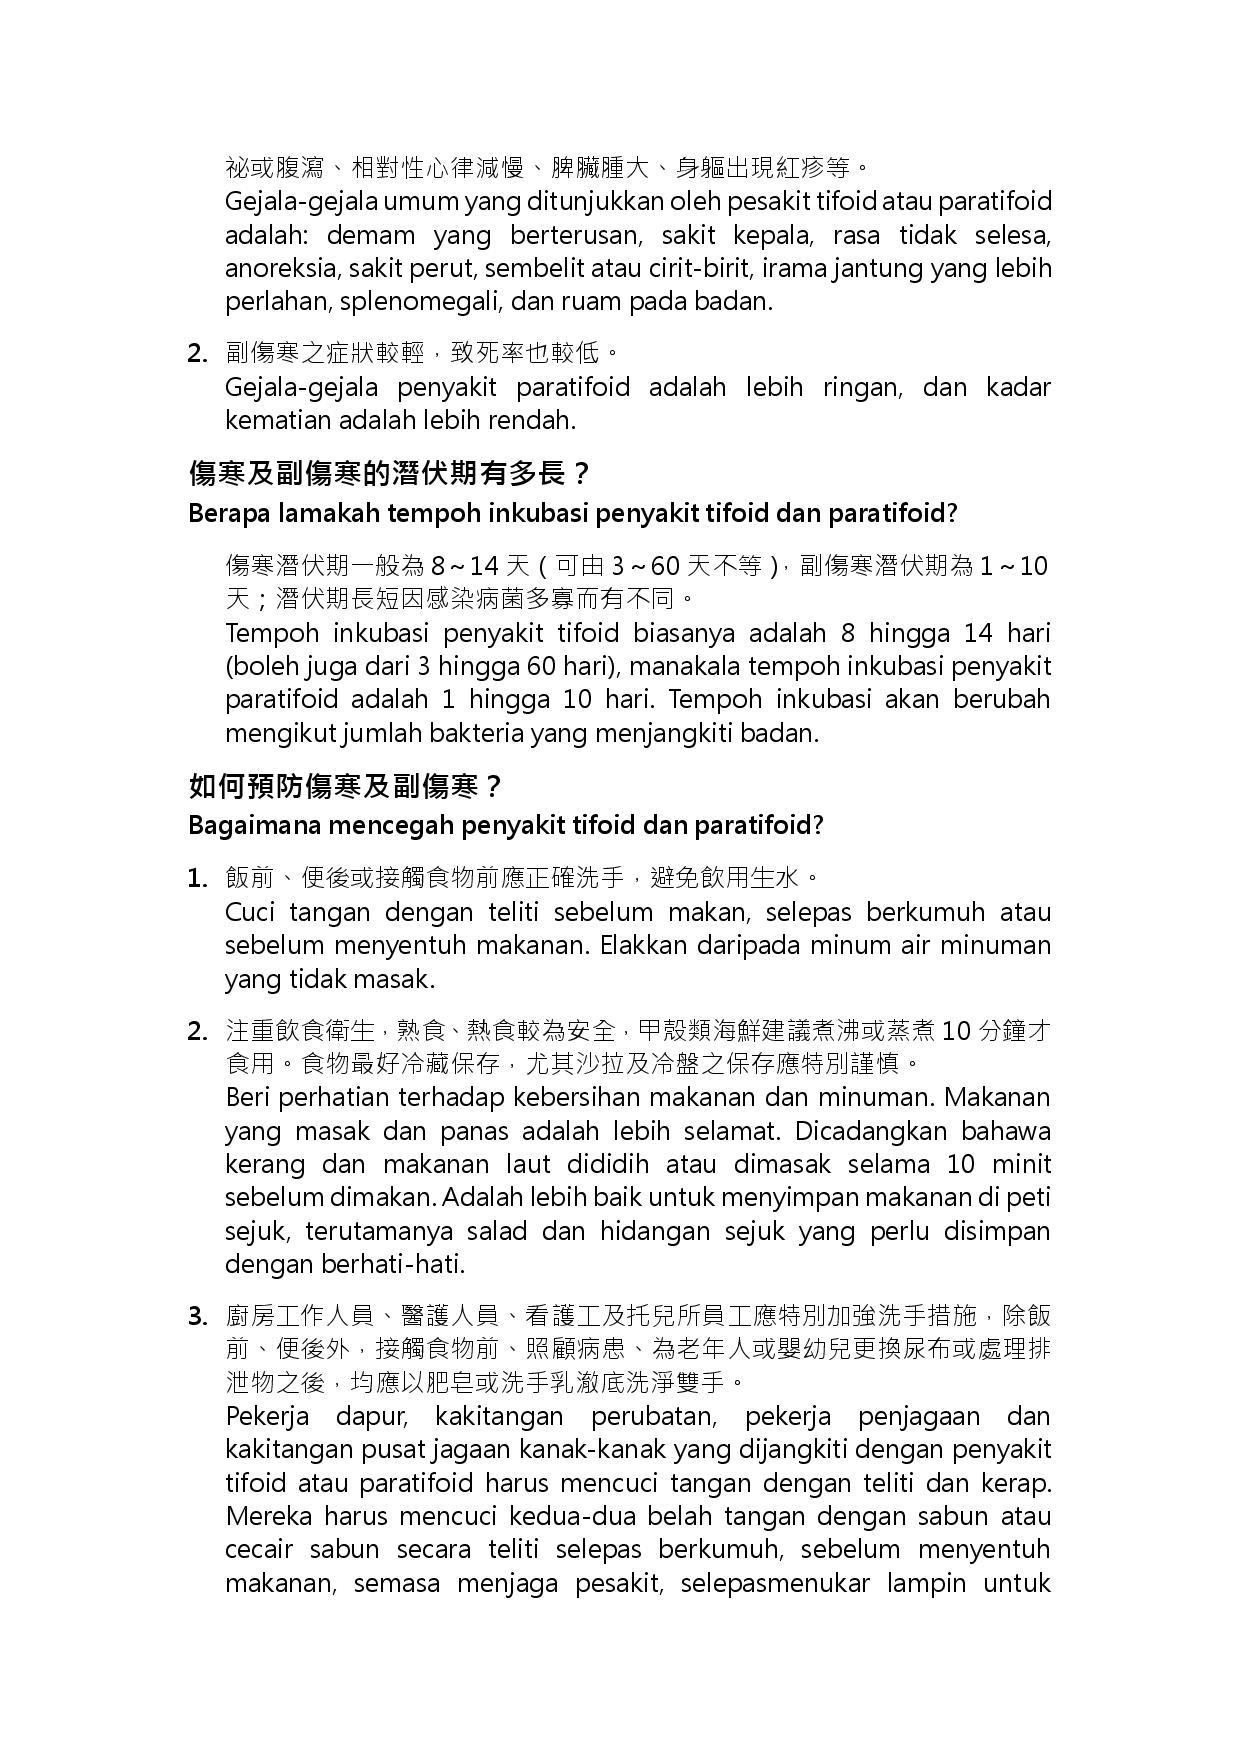 詳如附件【klik saya】Untuk mencegah penyakit tifoid dan paratifoid(Halaman 2)預防傷寒及副傷寒,勿生飲生食,落實勤洗手的良好衛生習慣(馬來文)